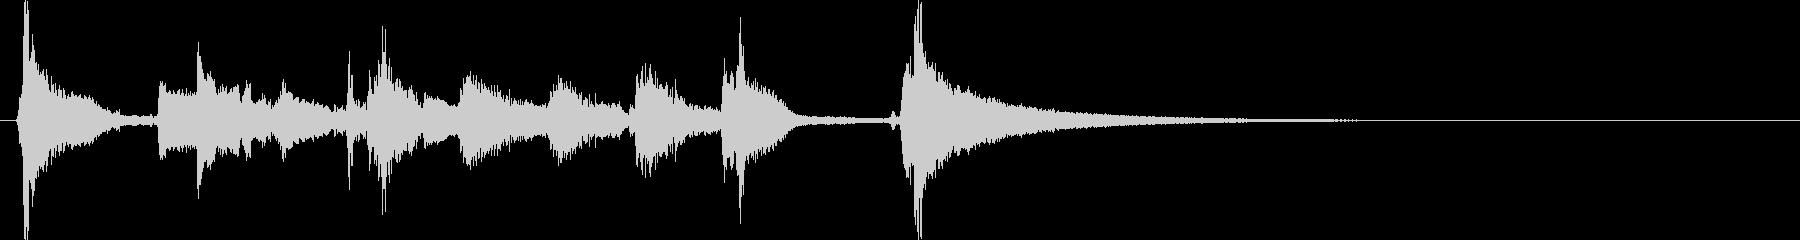 明るくてかわいいウクレレと鉄琴のジングルの未再生の波形